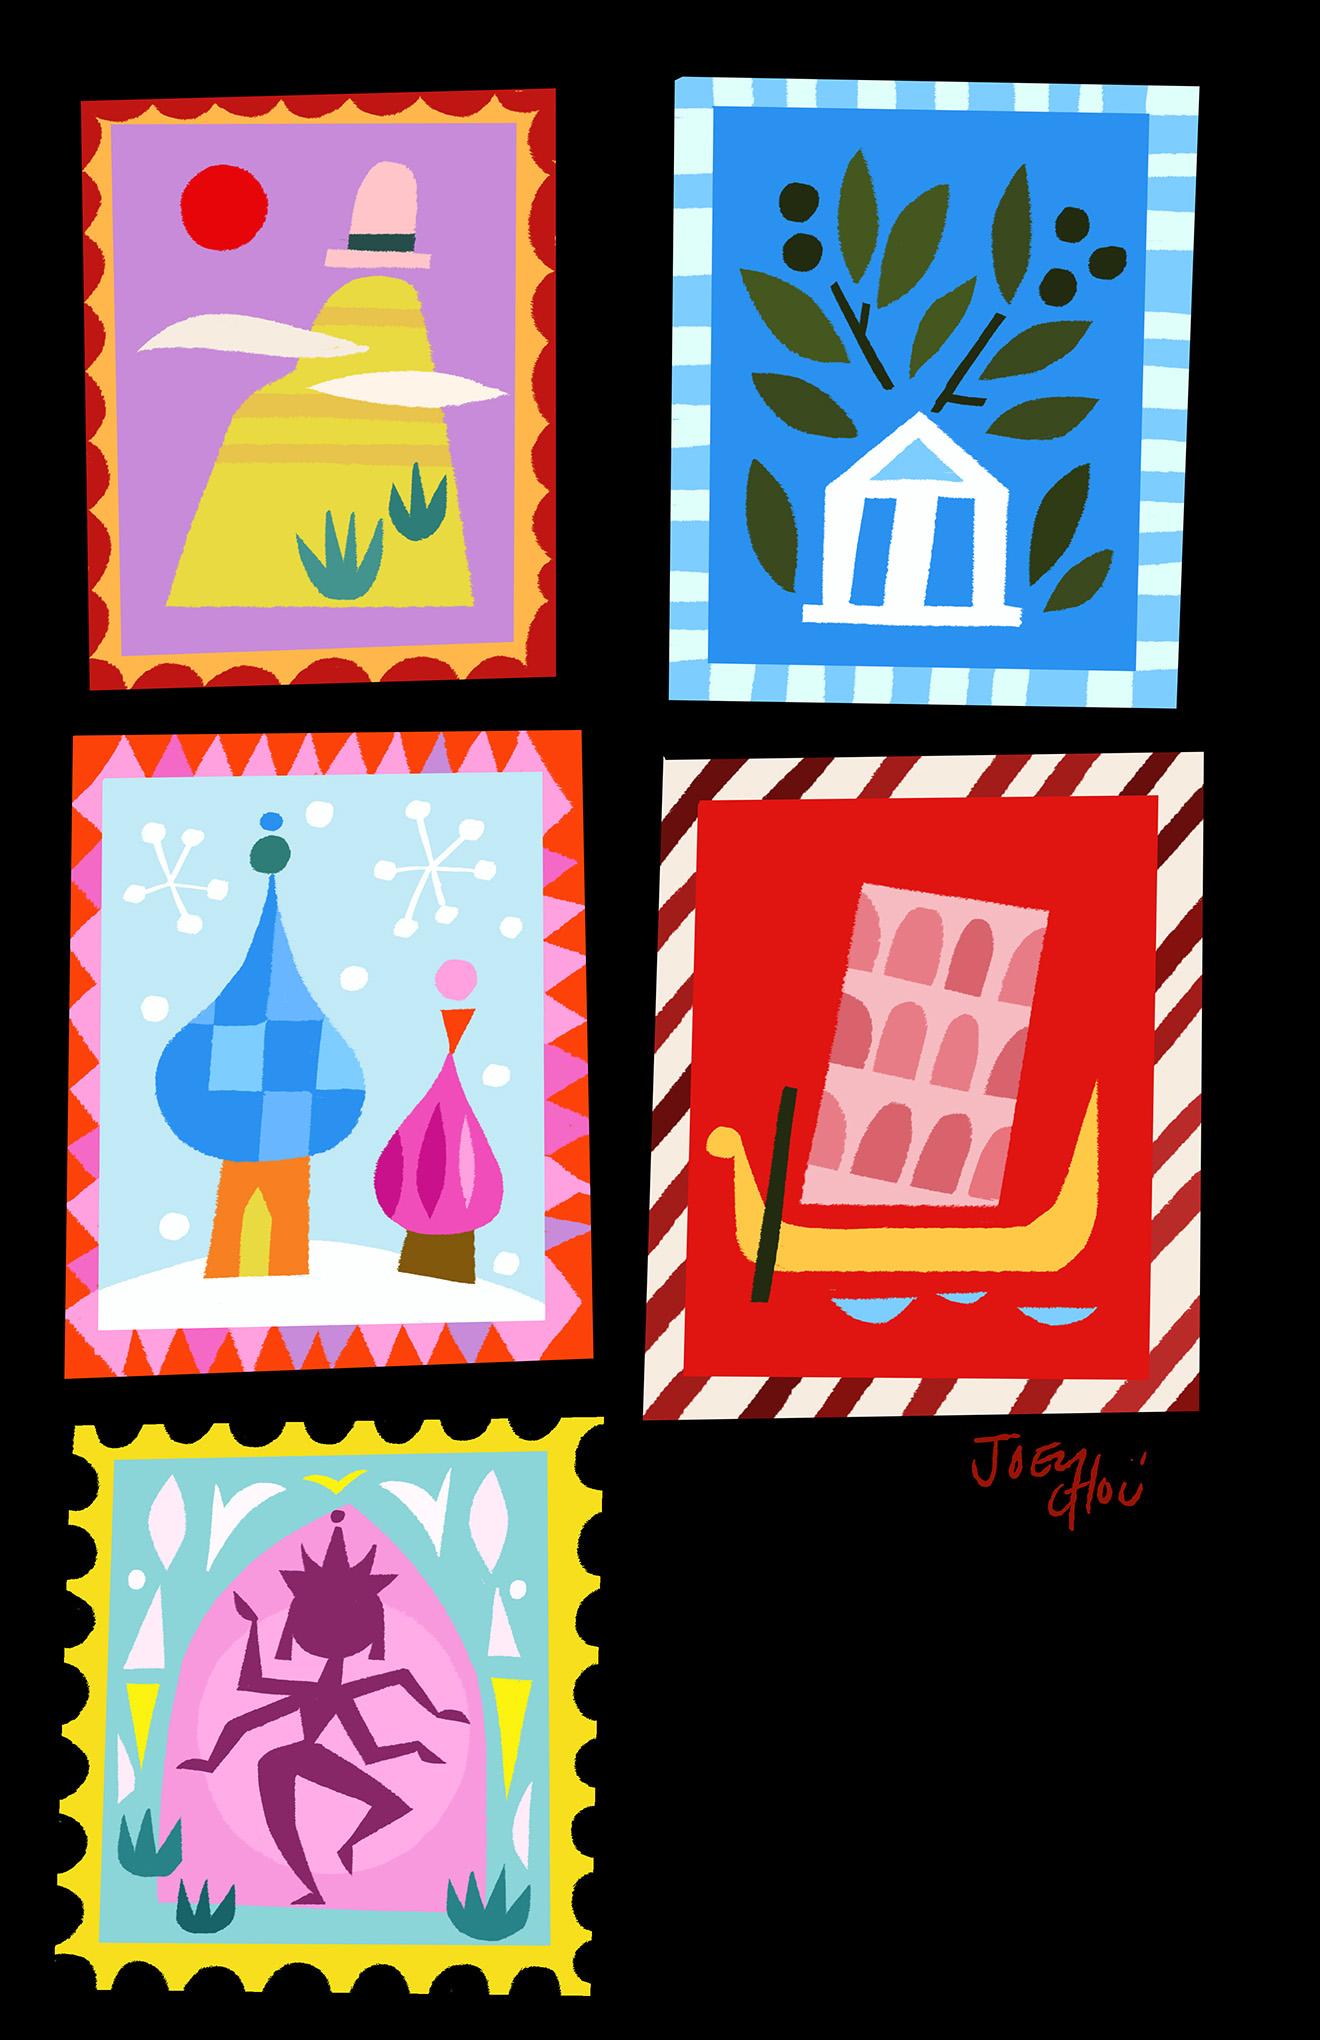 stamps2_jchou_Web.jpg